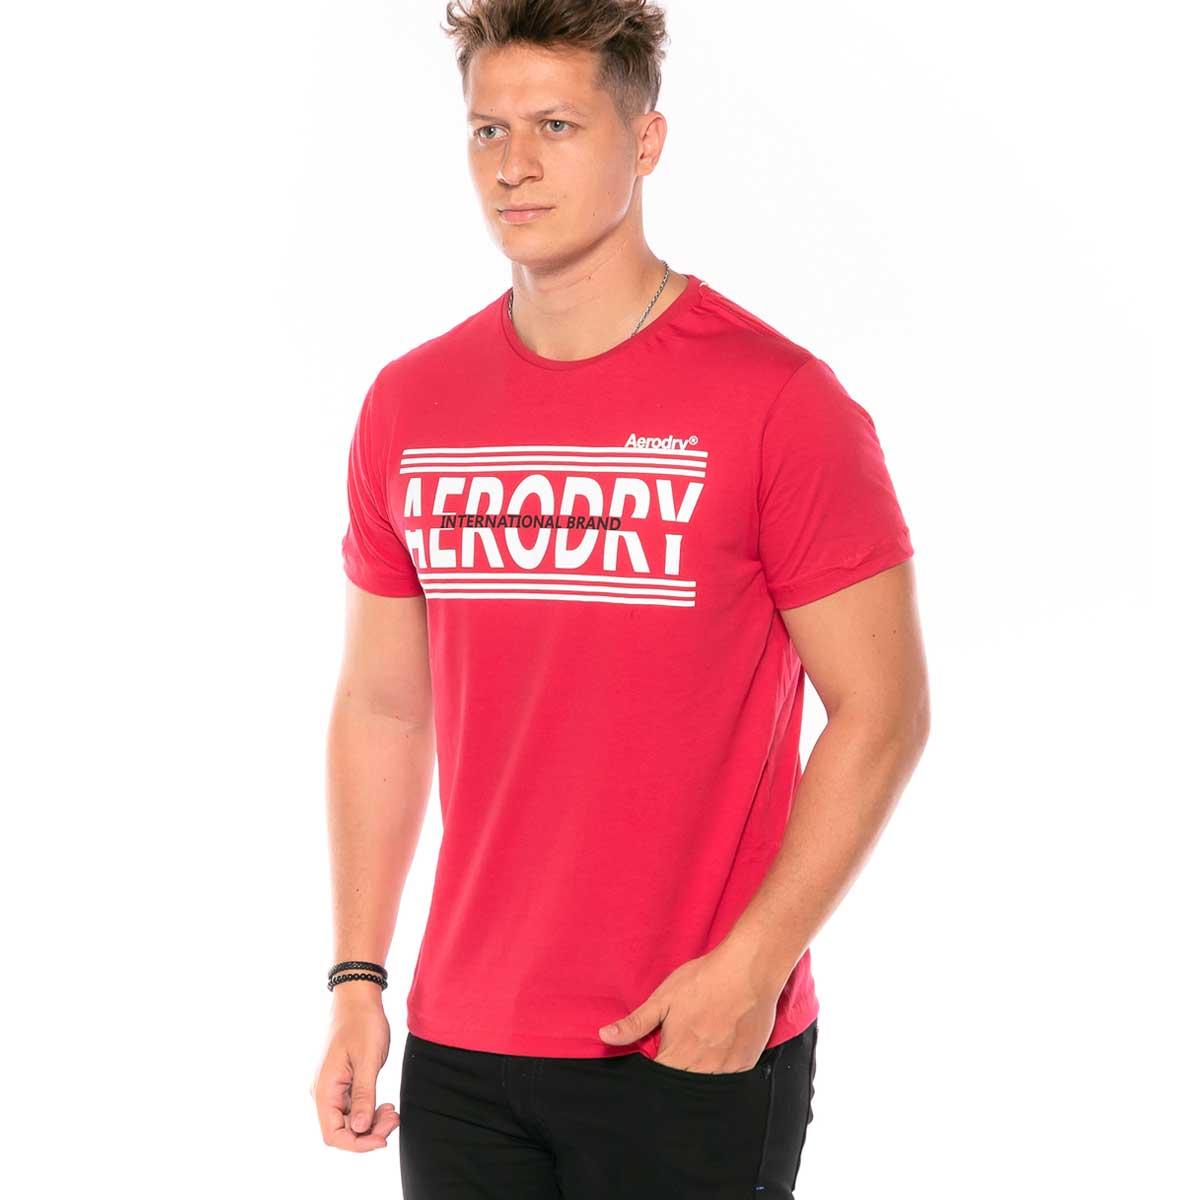 Camiseta Masculina Aerodry com estampa